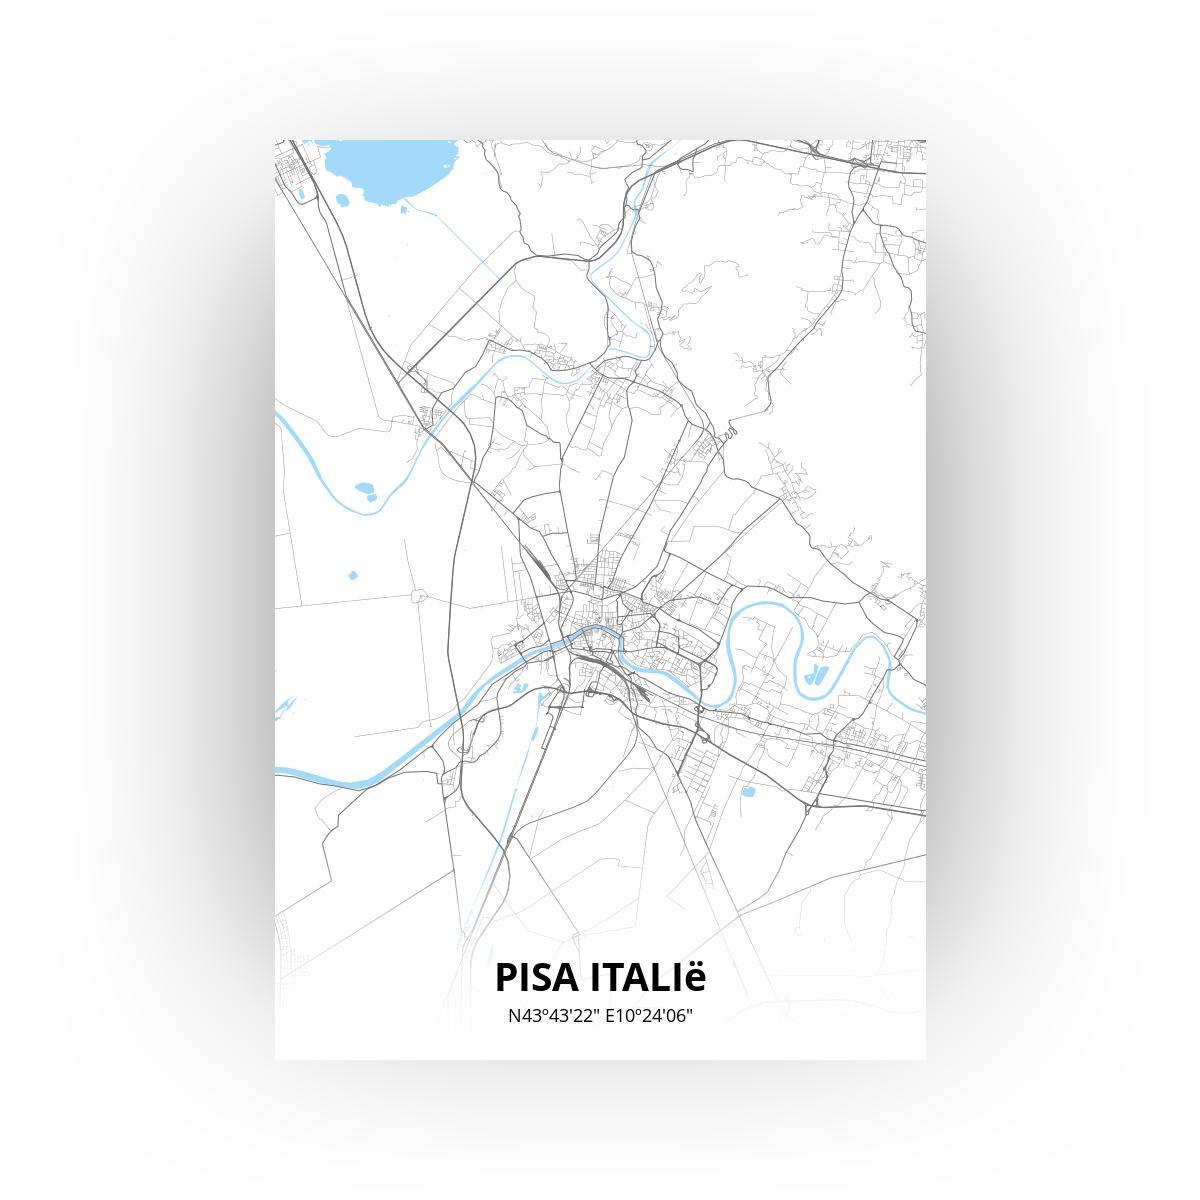 Pisa Italië print - Standaard stijl